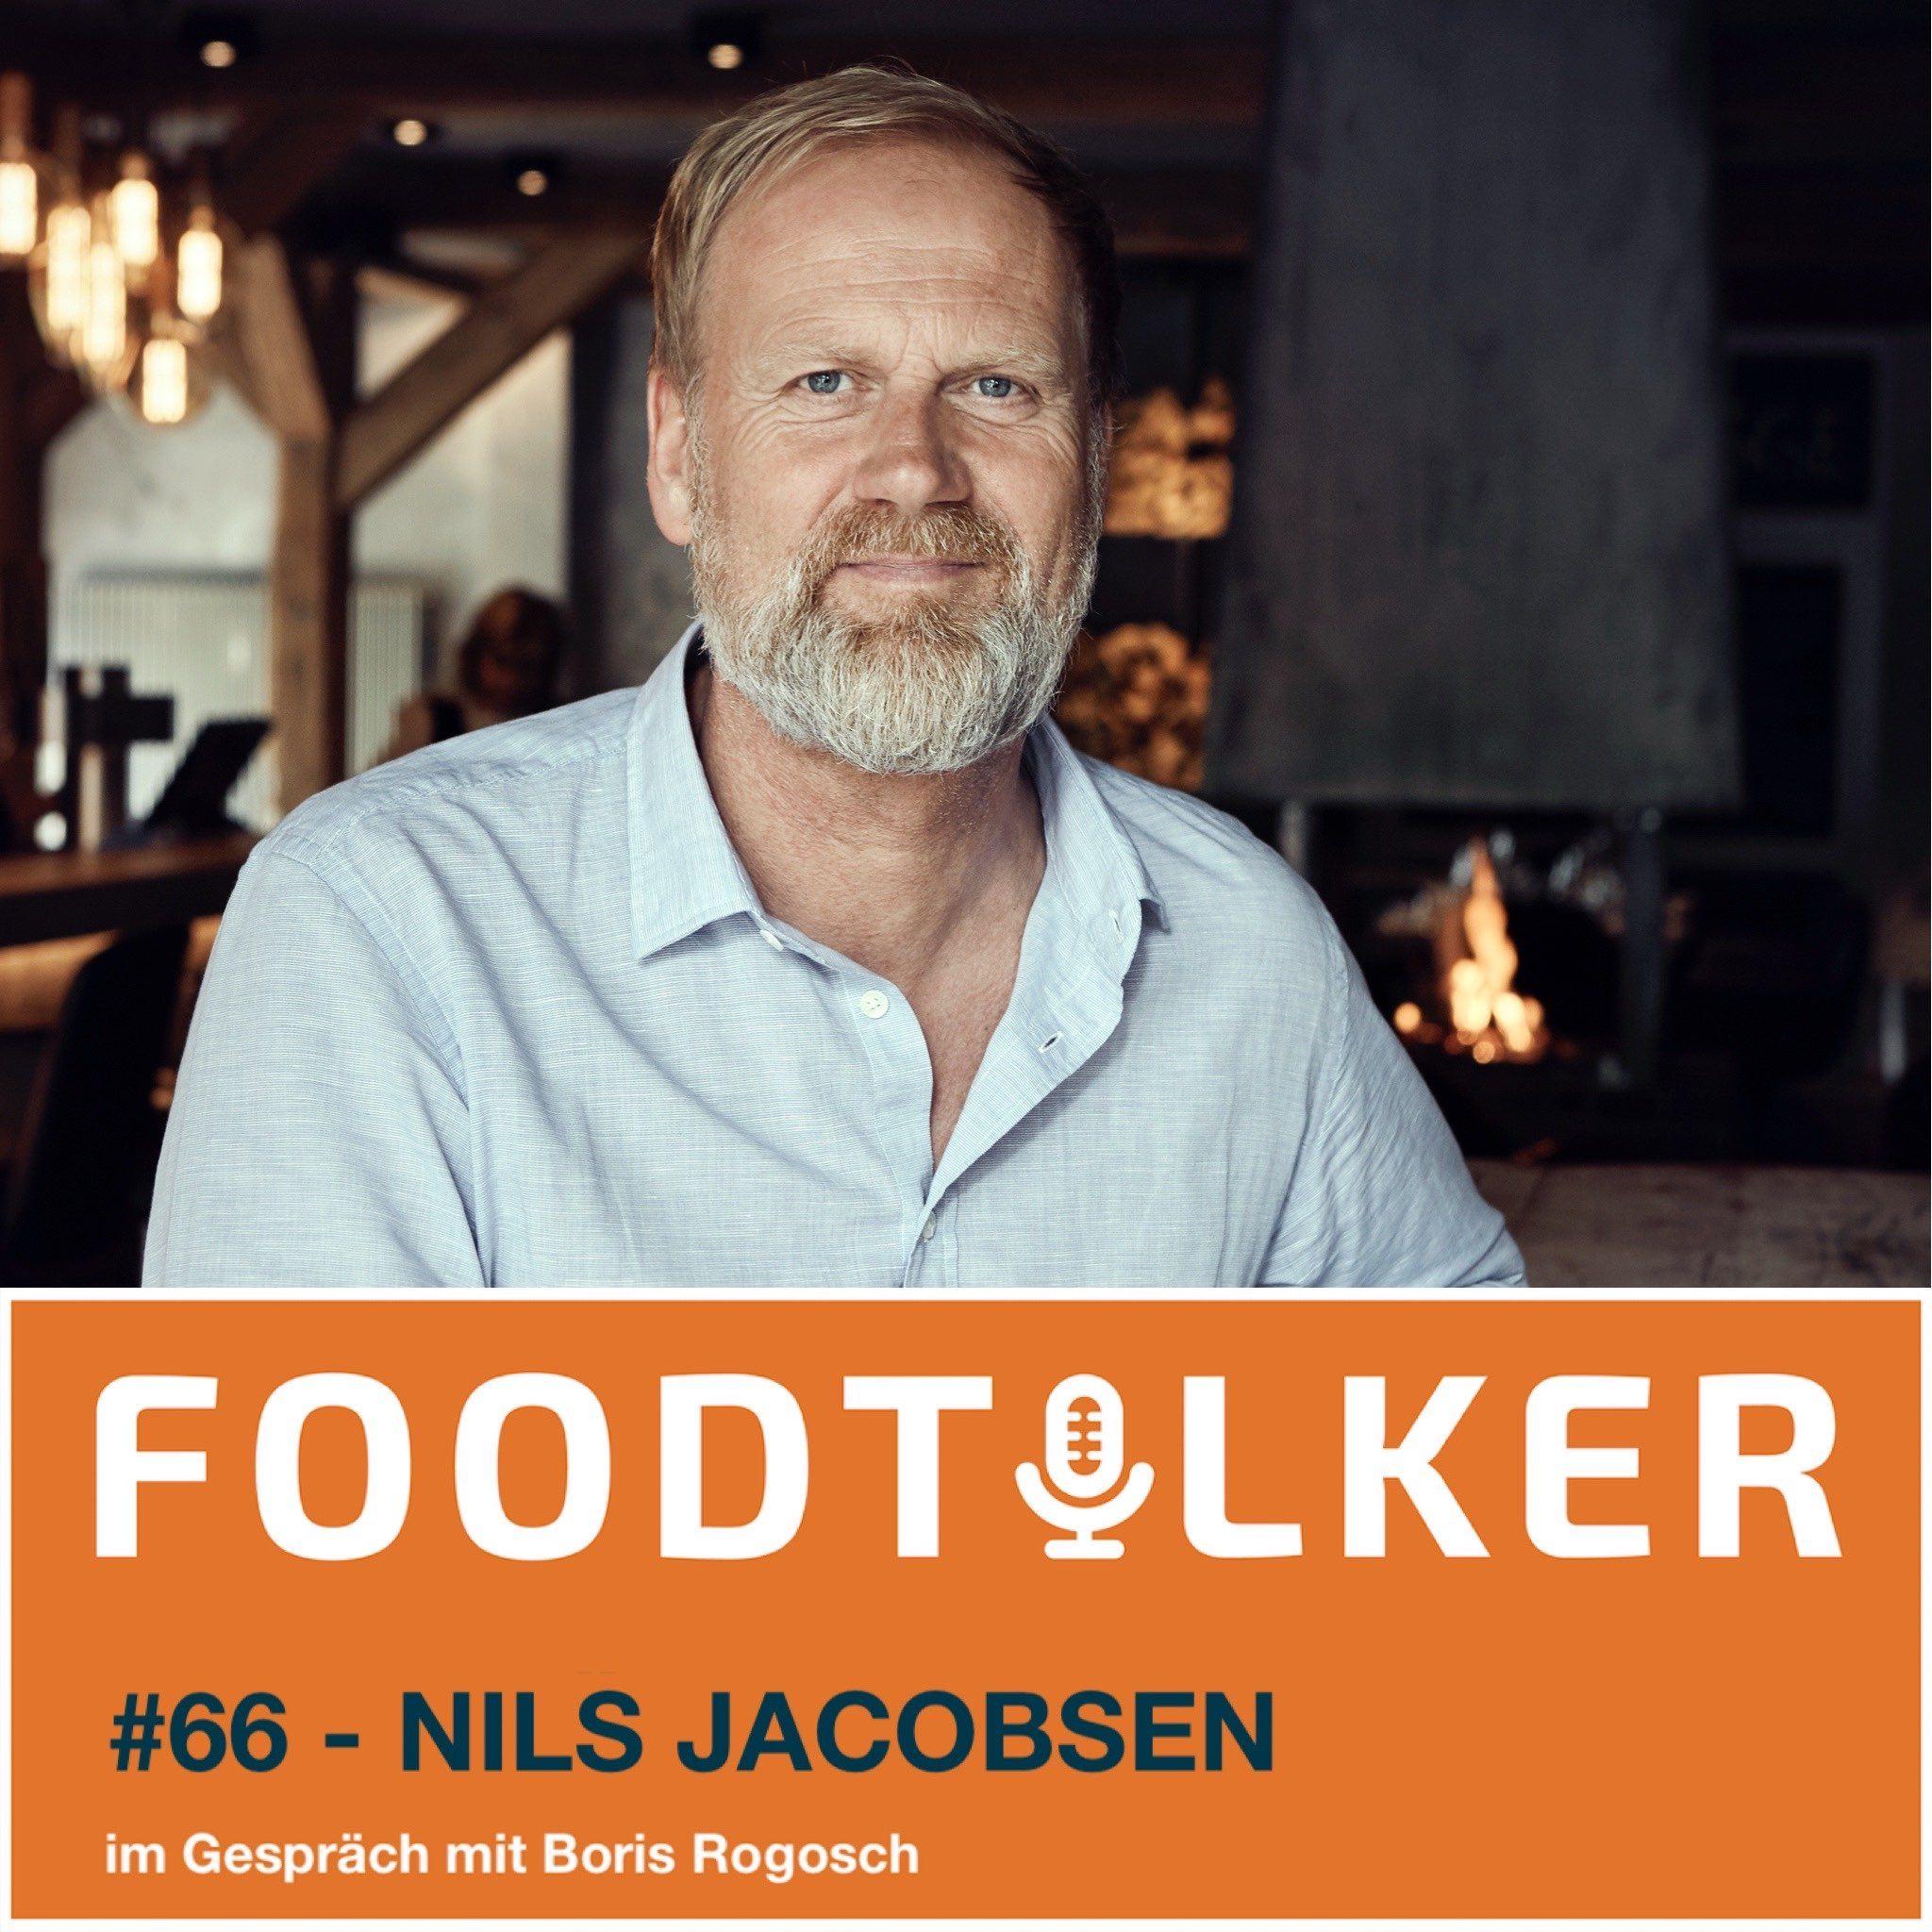 Nils Jacobsen - HYGGE Brasserie & Bar